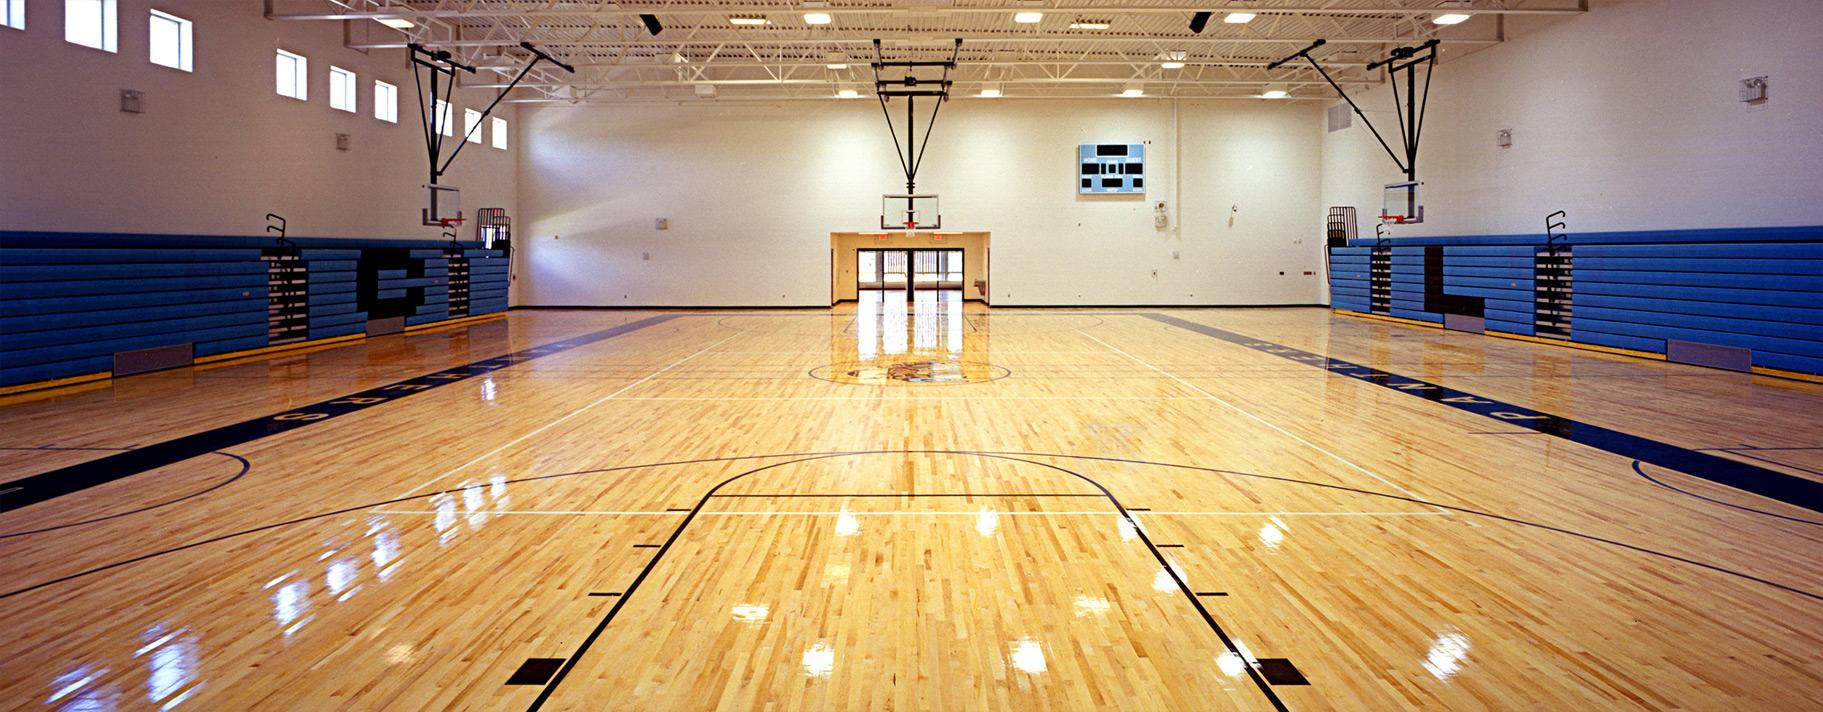 Wood, Floor, Hardwood, Flooring